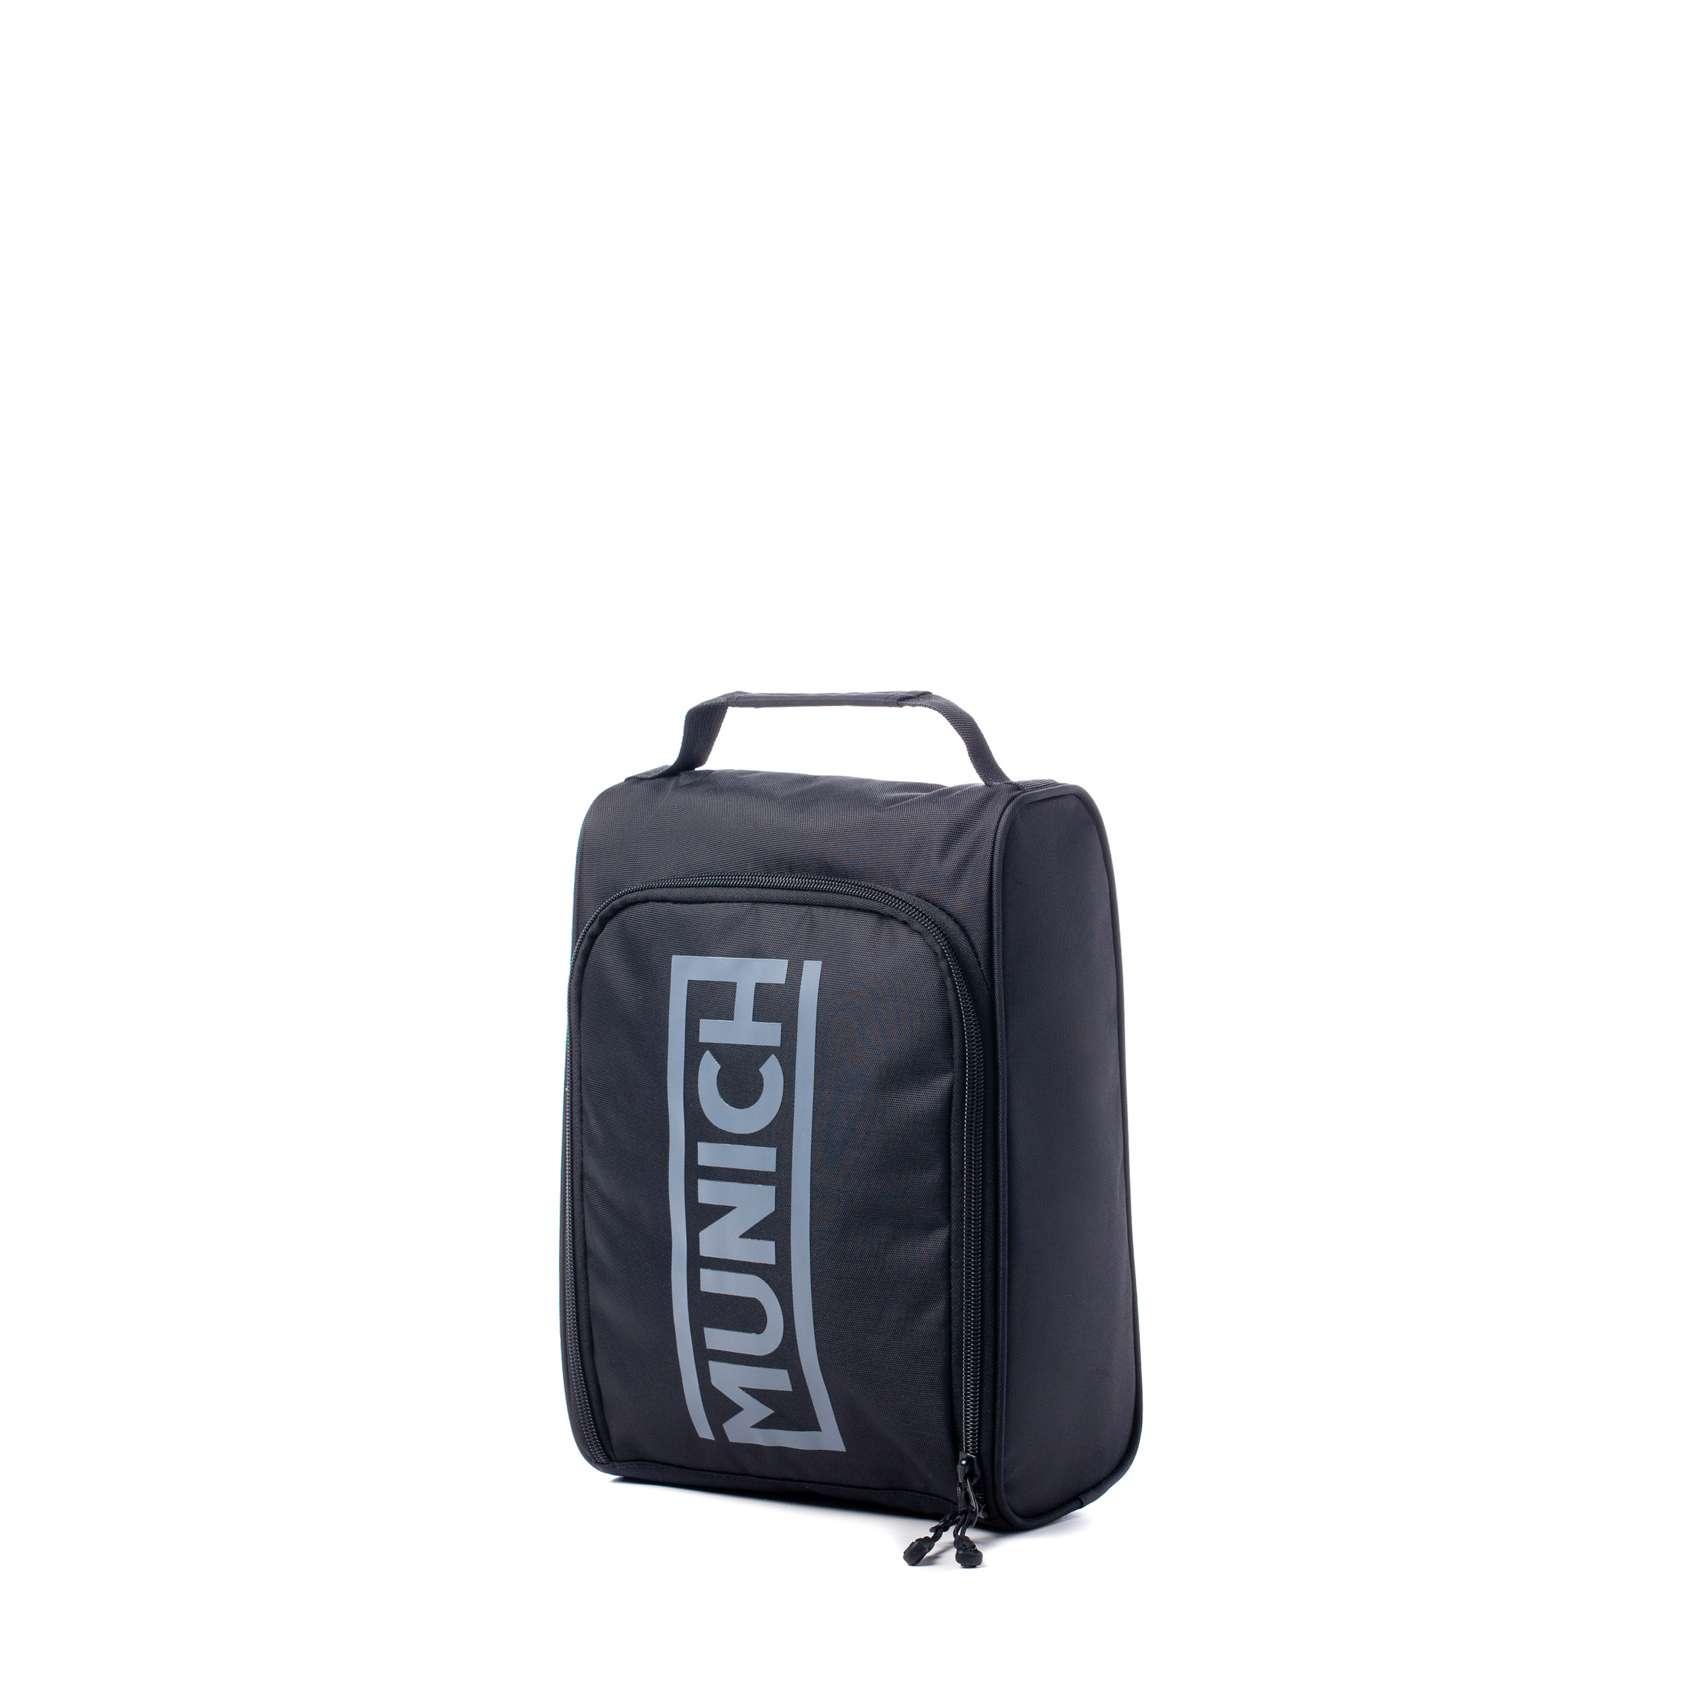 FOOTWEAR BAG 17